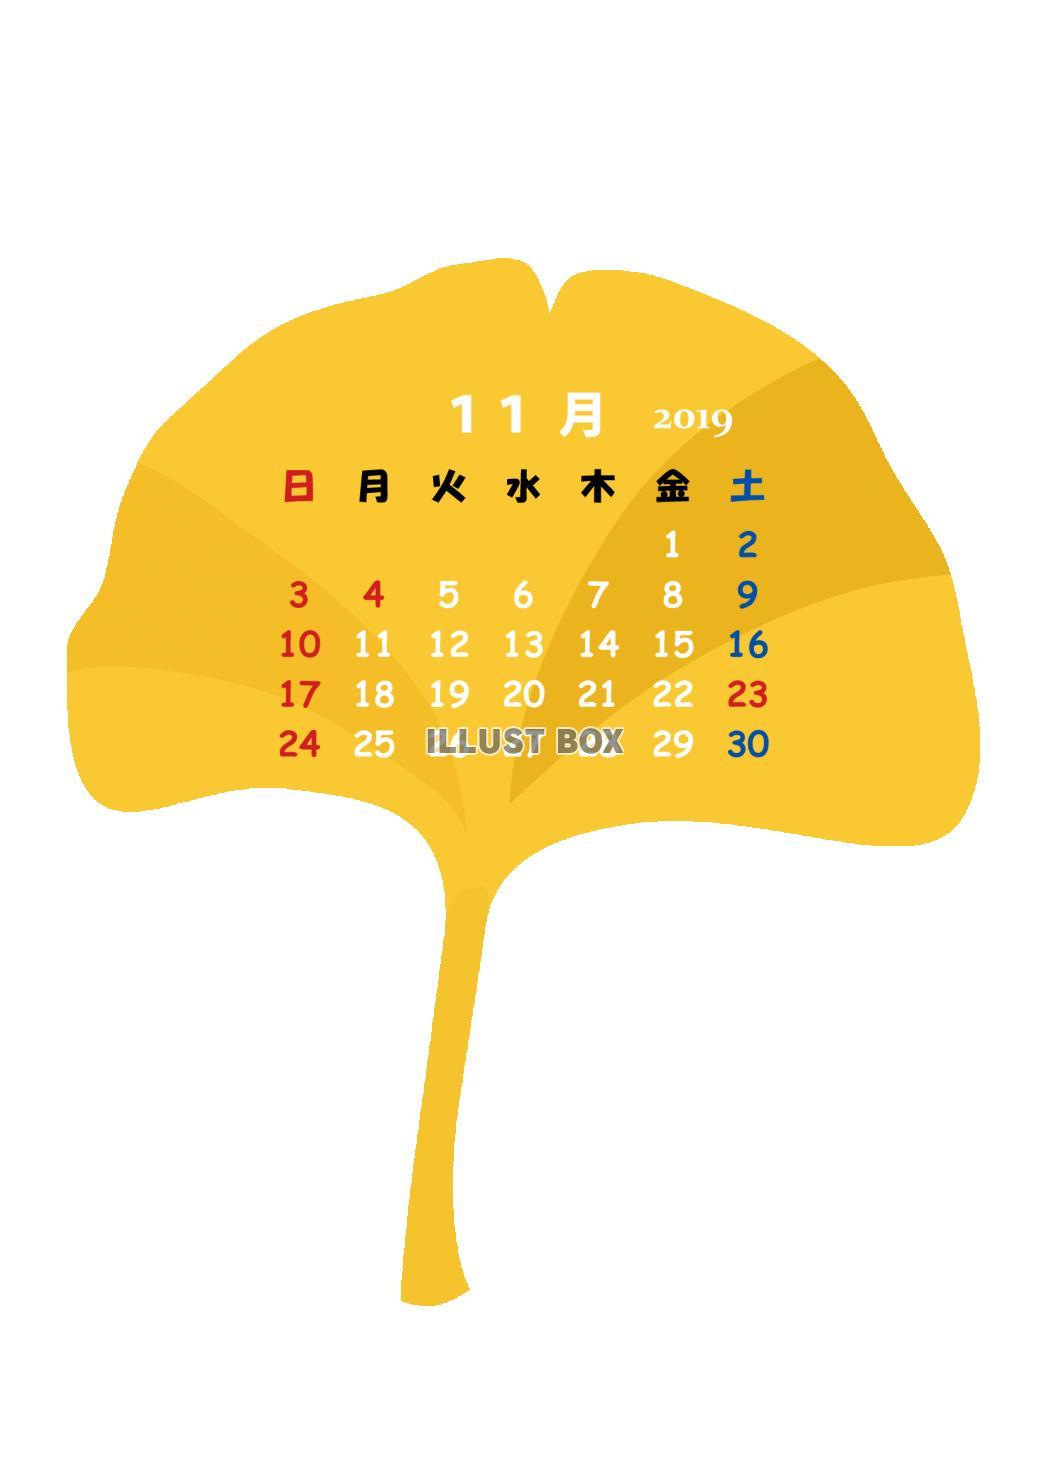 カレンダー 素材 壁紙 イラスト無料